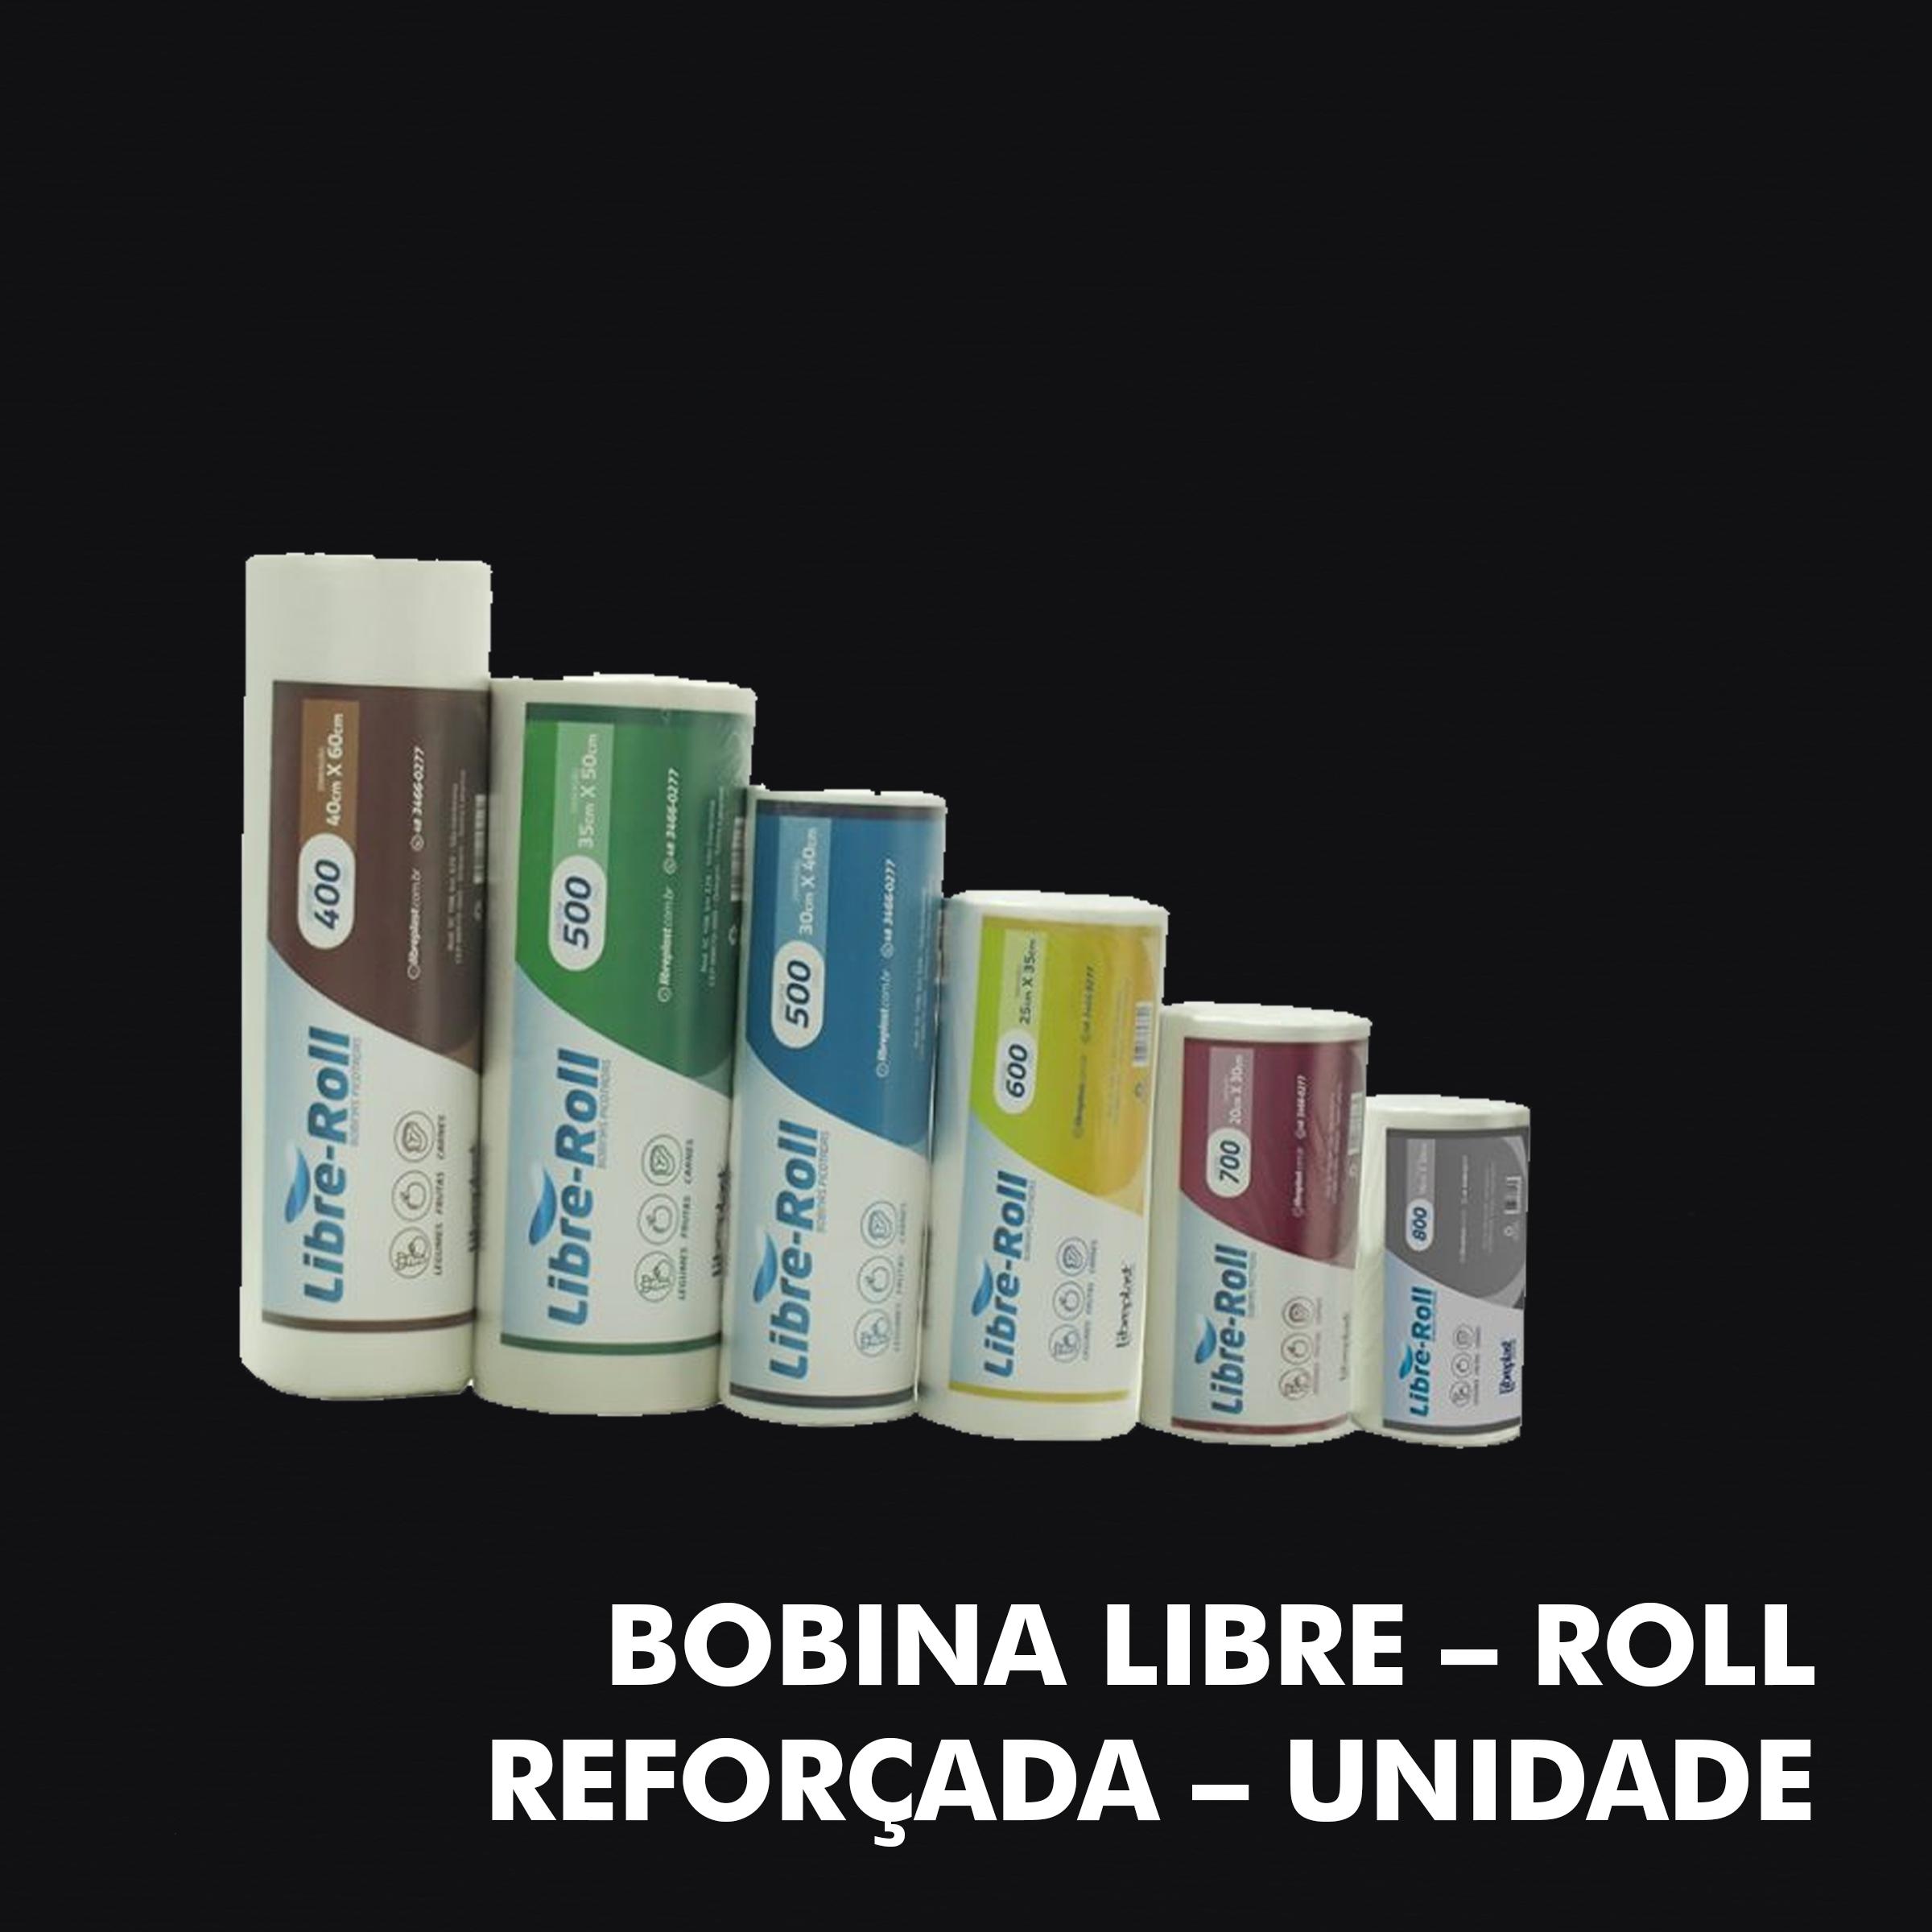 Bobina Libre – Roll Reforçada – Unidade - RF